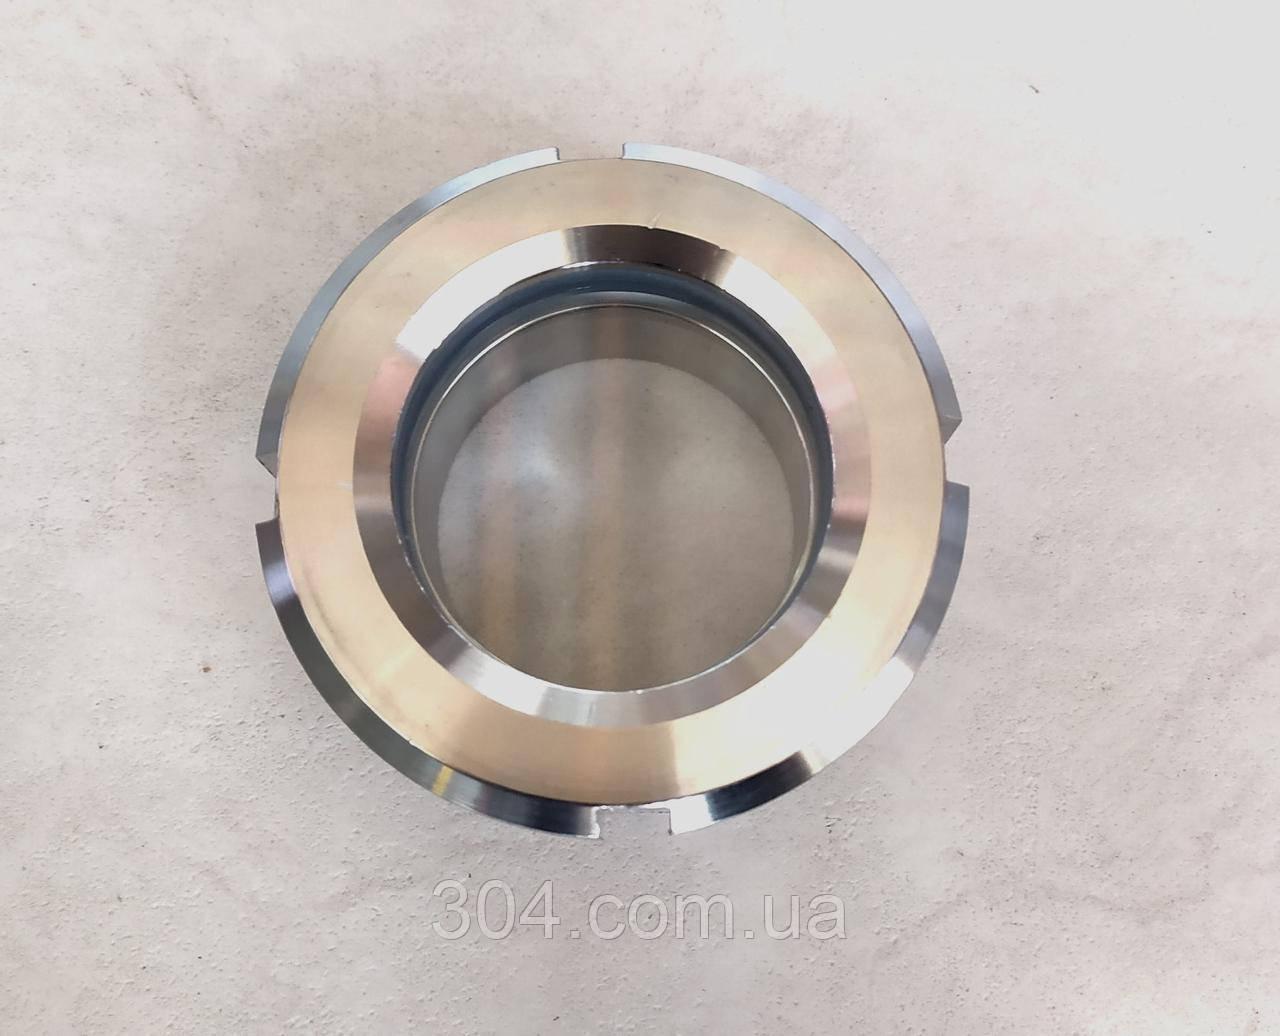 Диоптр плоский (Окно смотровое)DN102, AISI 304